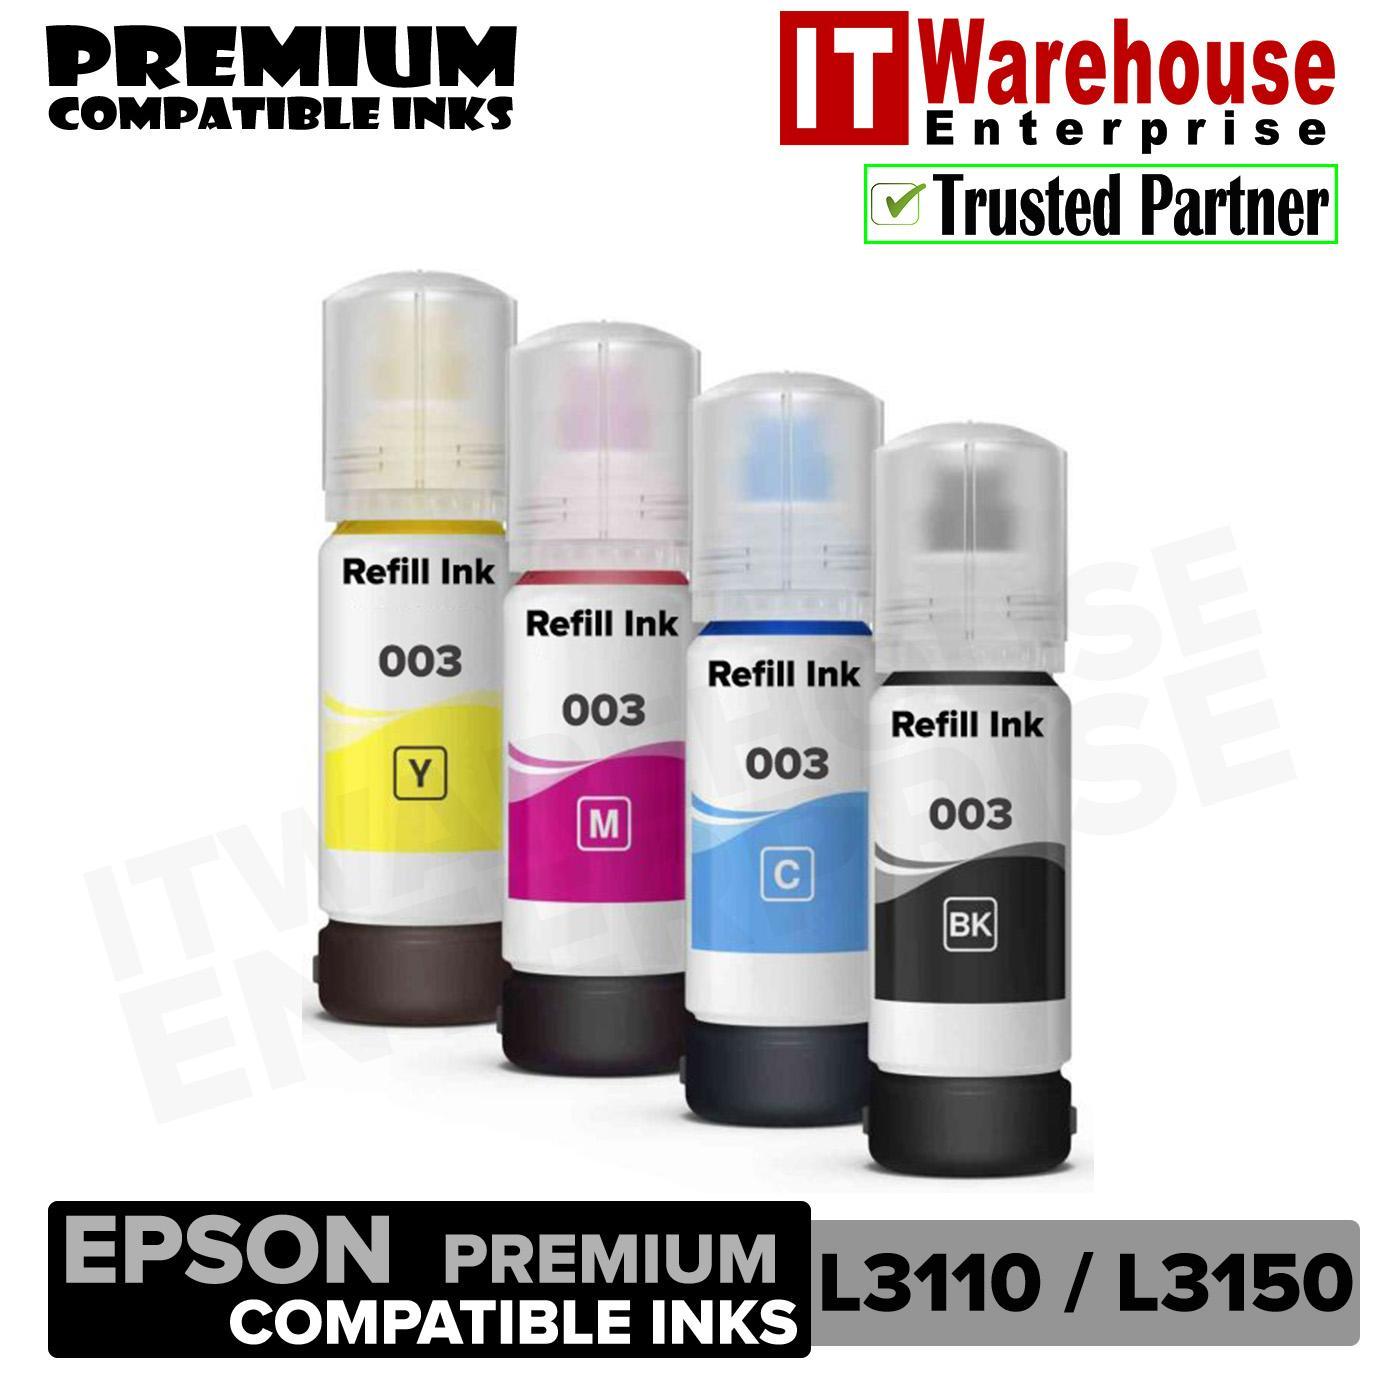 Inkjet Inks for sale - Inkjet Cartridges prices, brands & specs in